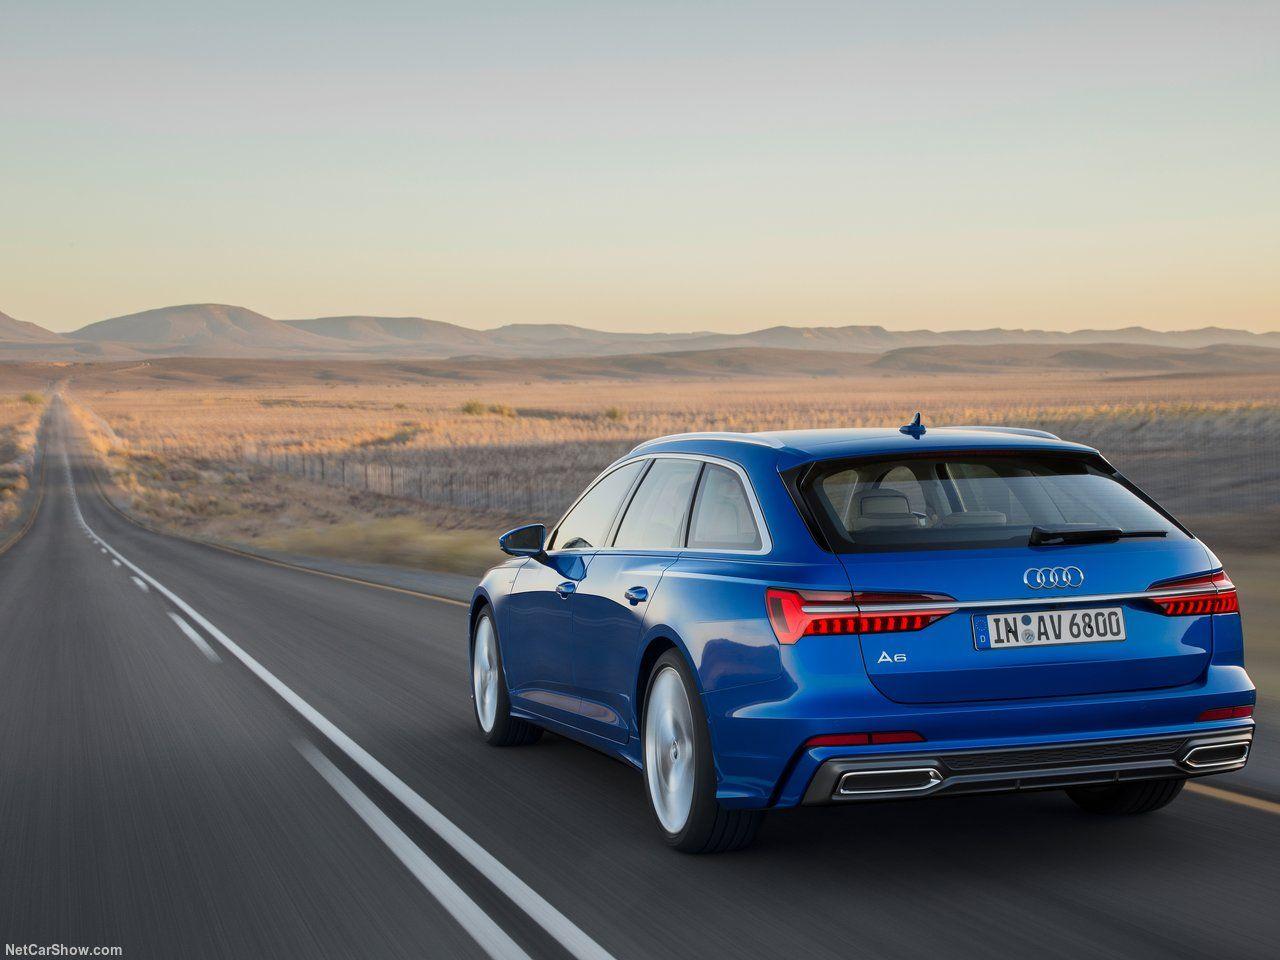 2019 Audi A6 Avant German Cars Audi Audi A6 Audi A6 Avant